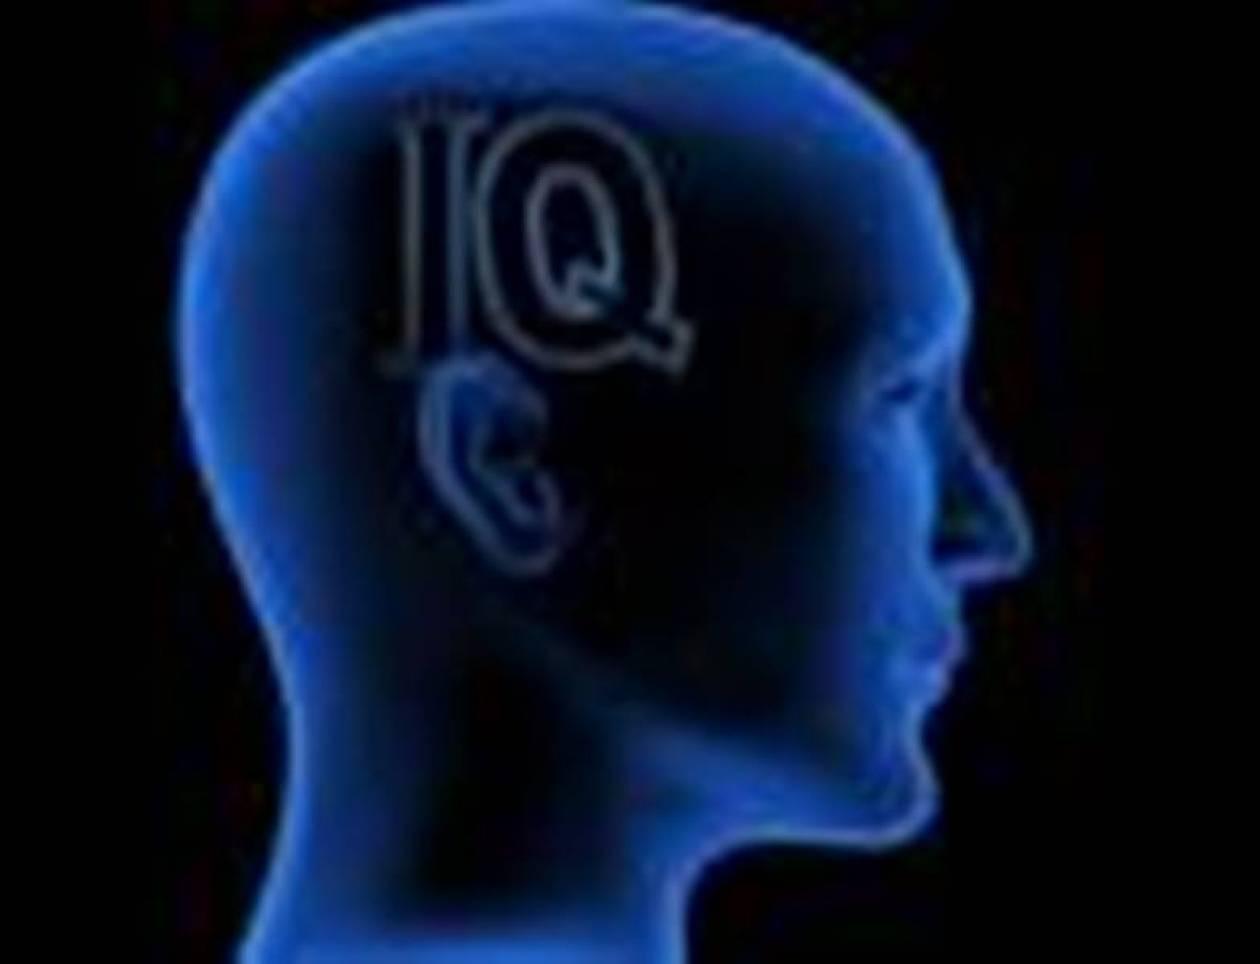 Πέντε τεστ νοημοσύνης και ψυχολογίας - Newsbomb 5c722054029